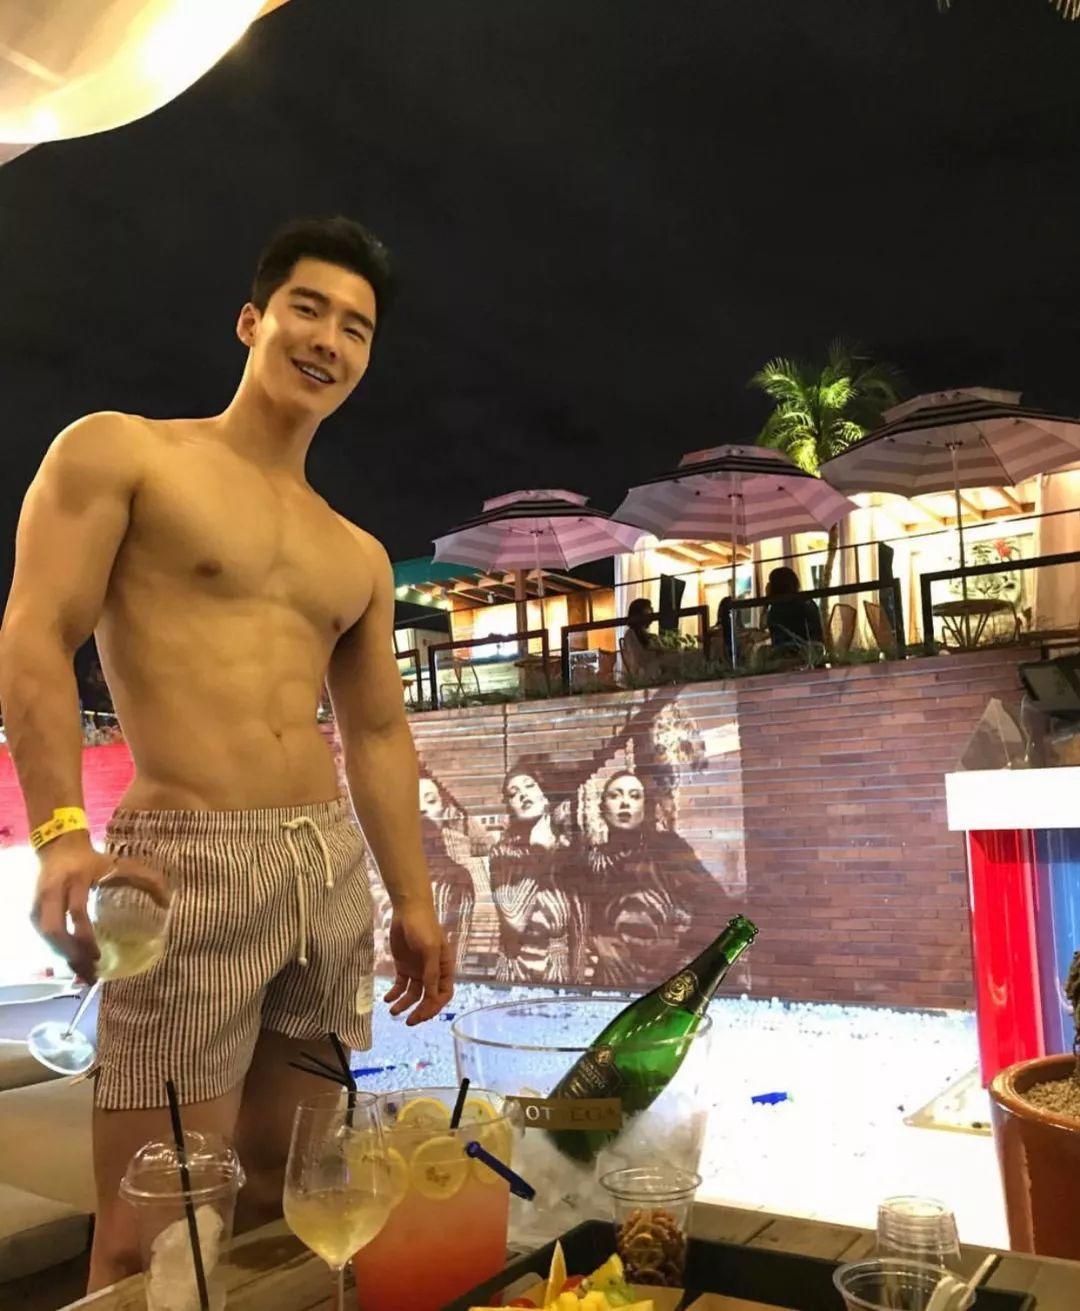 专访网红天菜,觊觎他的肉体很久了!